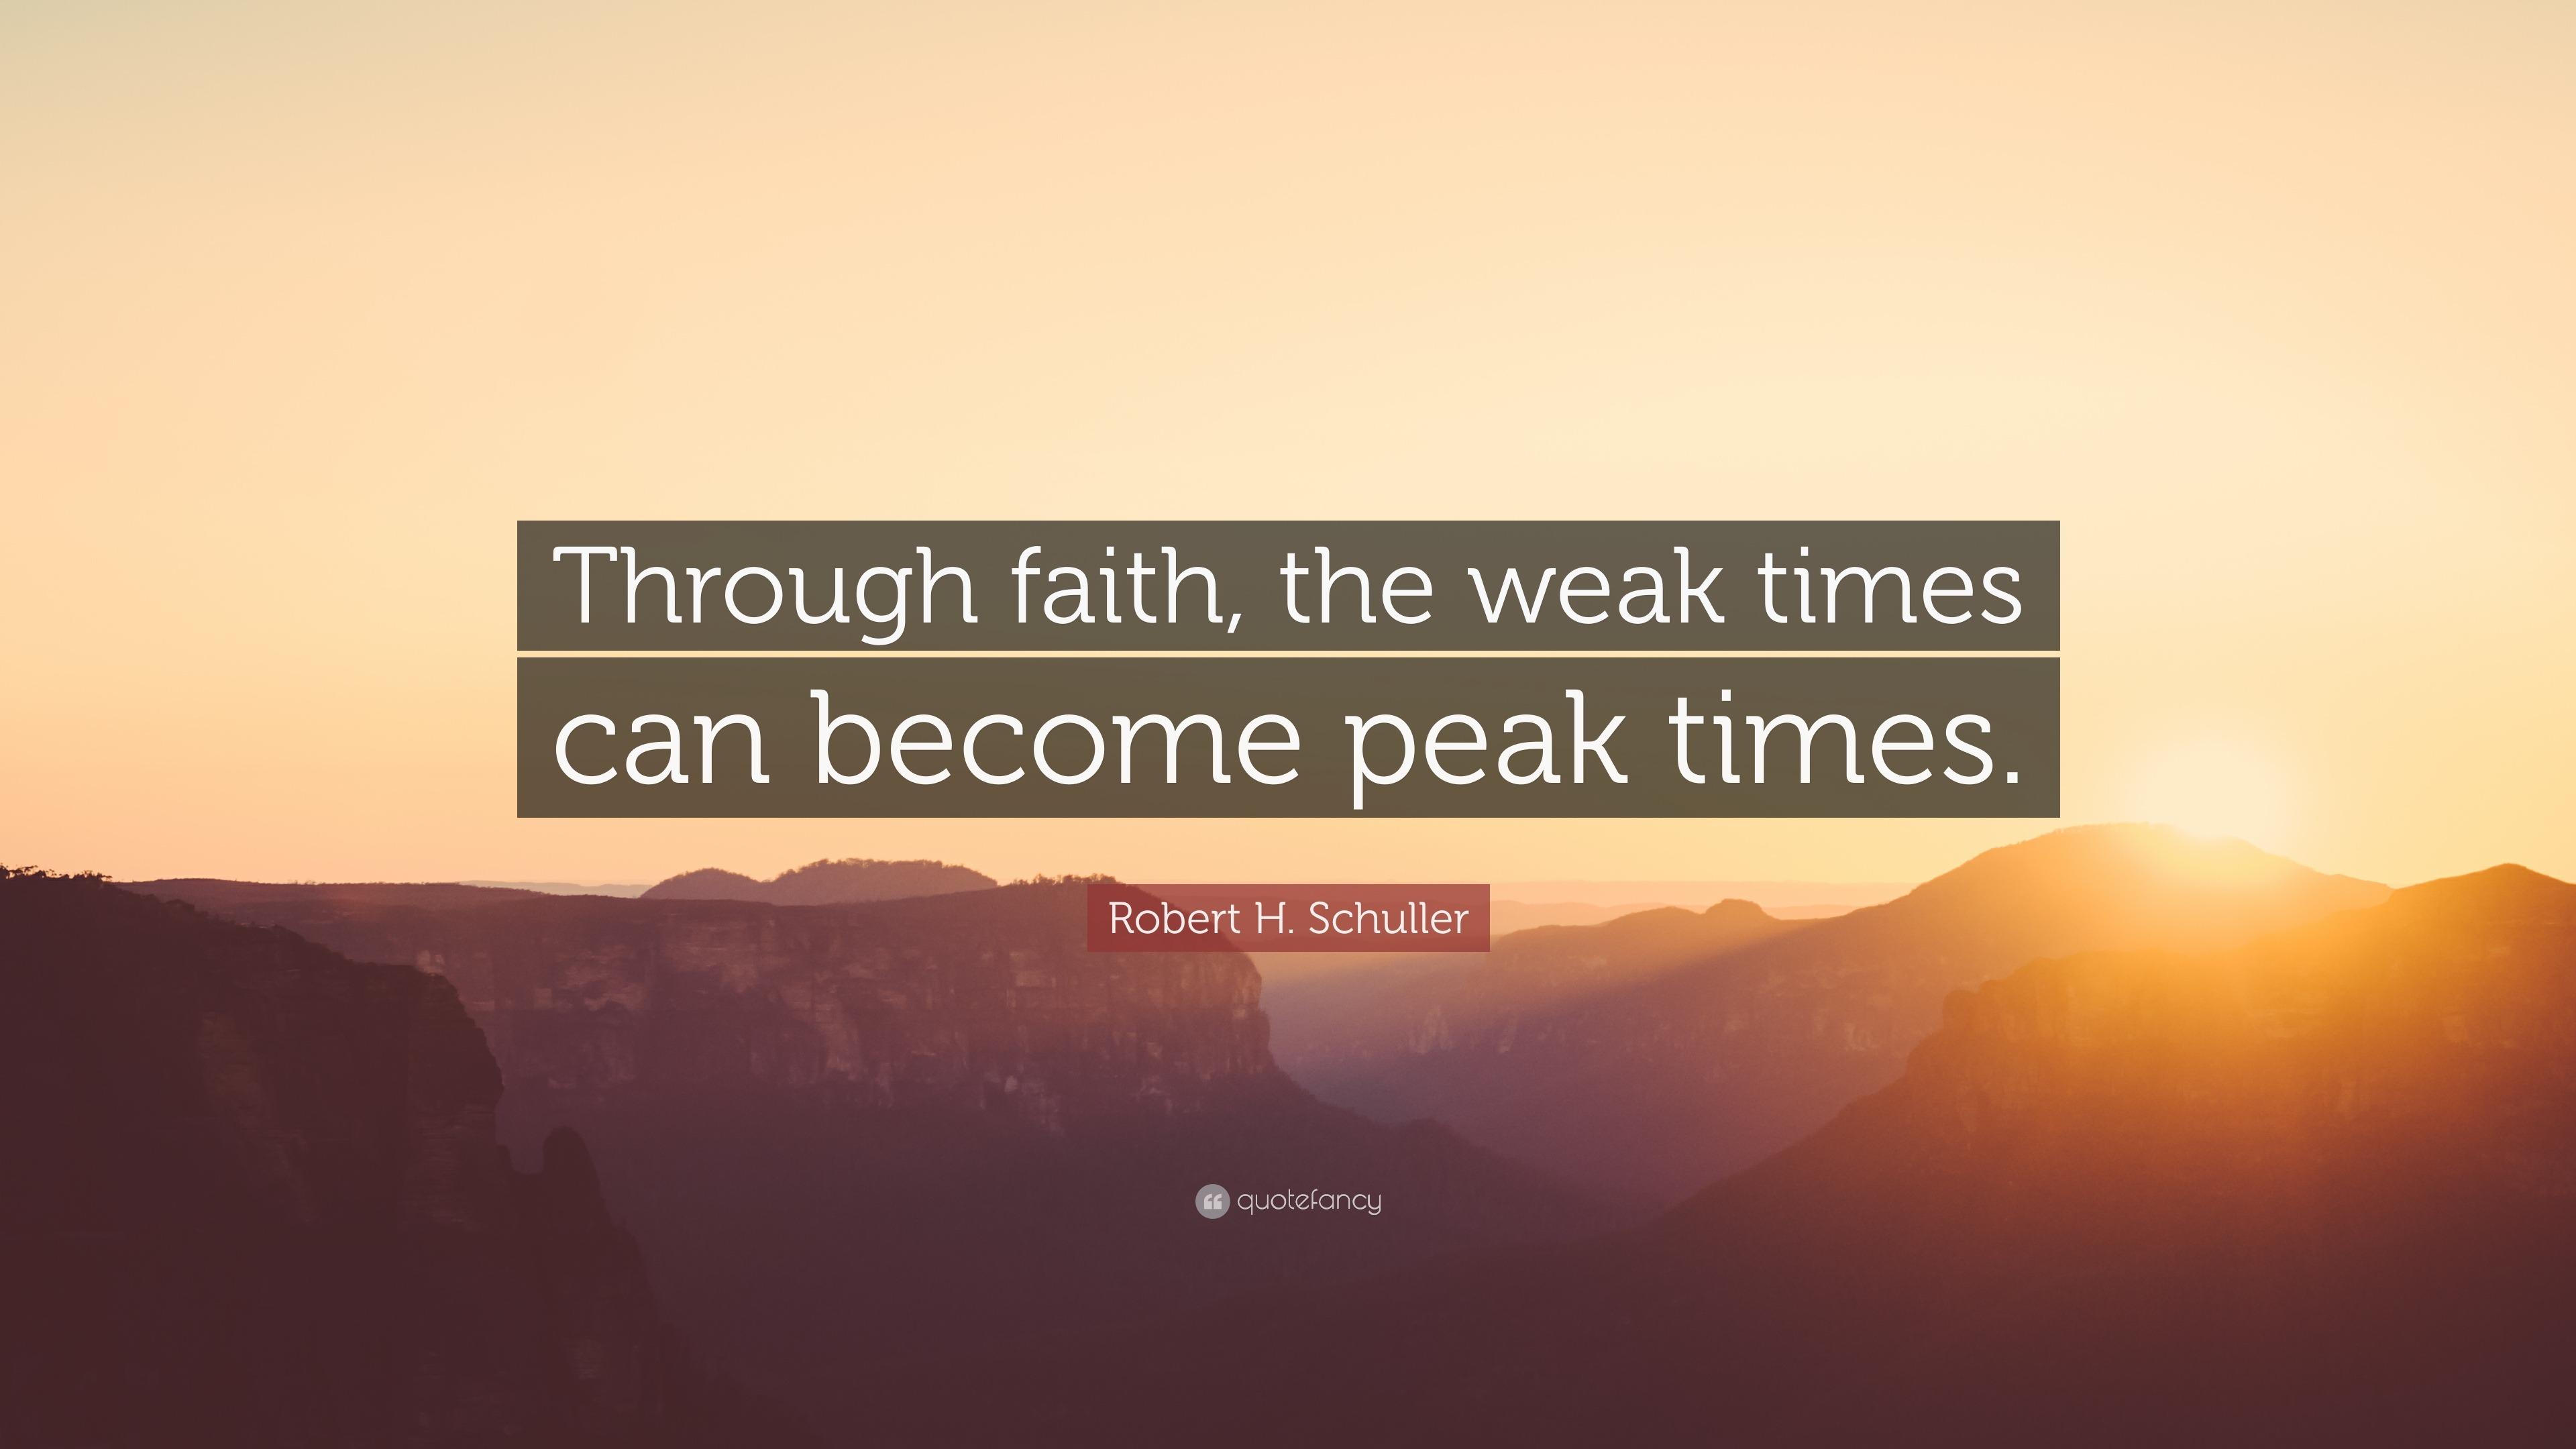 Robert H. Schuller Quotes (100 wallpapers) - Quotefancy